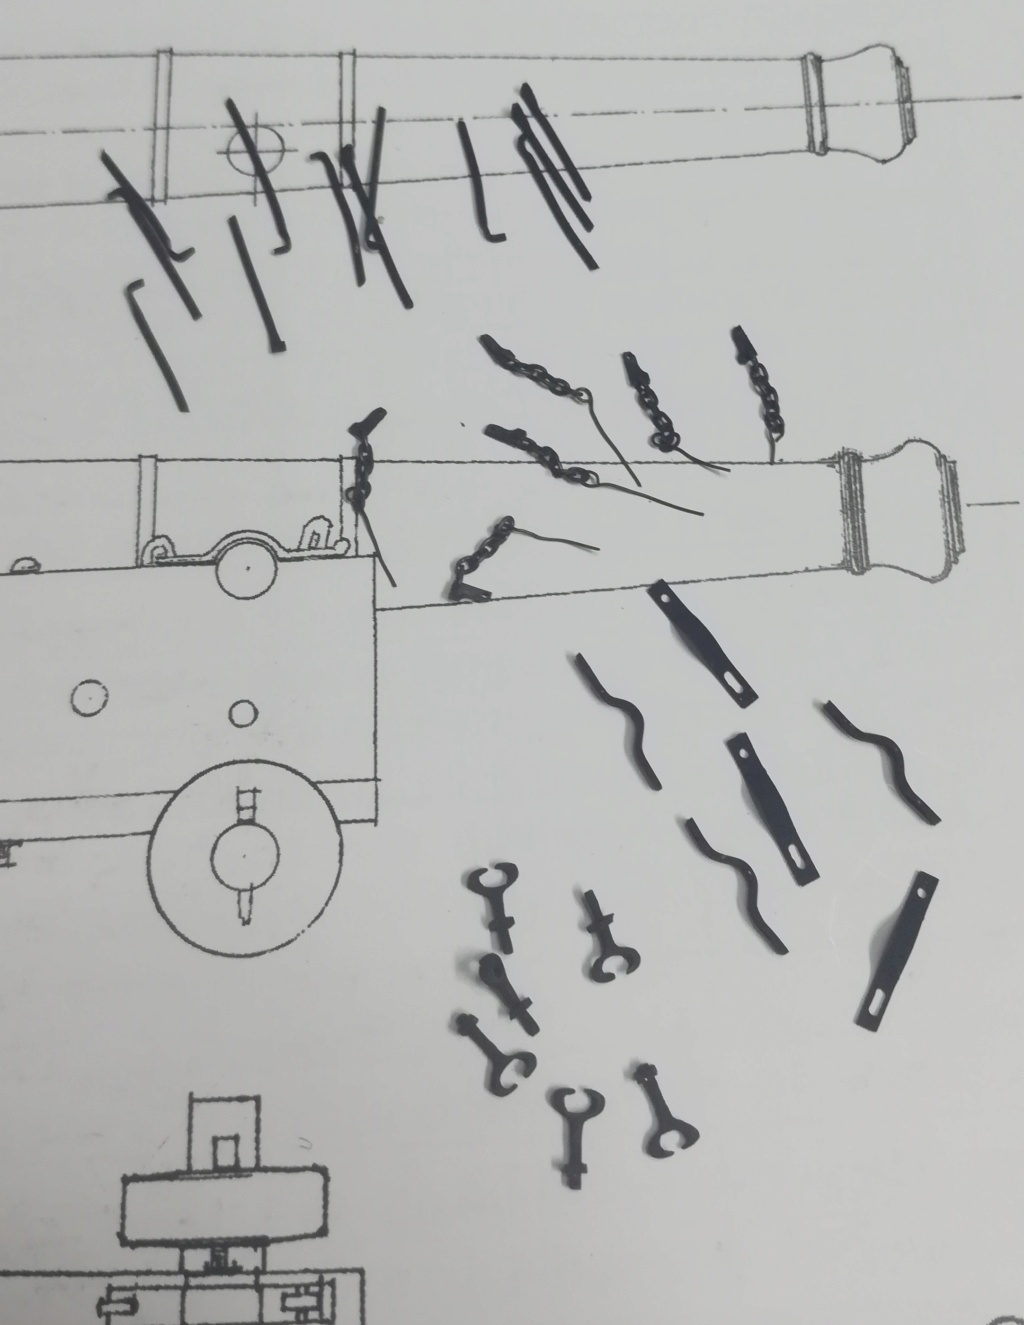 La Belle 1684 scala 1/24  piani ANCRE cantiere di grisuzone  - Pagina 9 Rimg_116